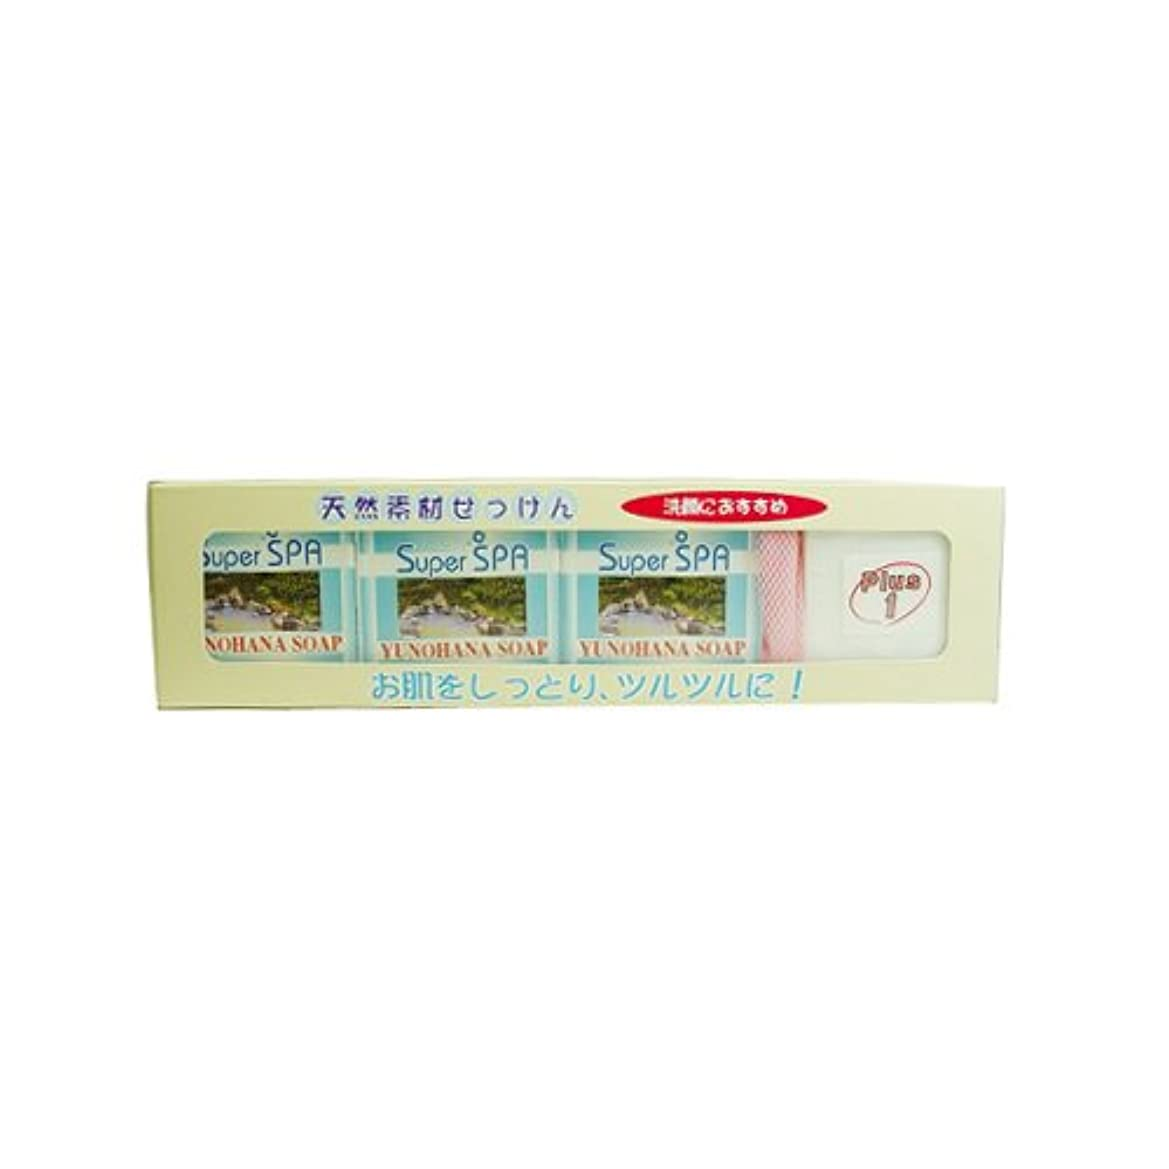 体細胞ラボ健全湯の花石鹸(天然素材石鹸)‐KH212283